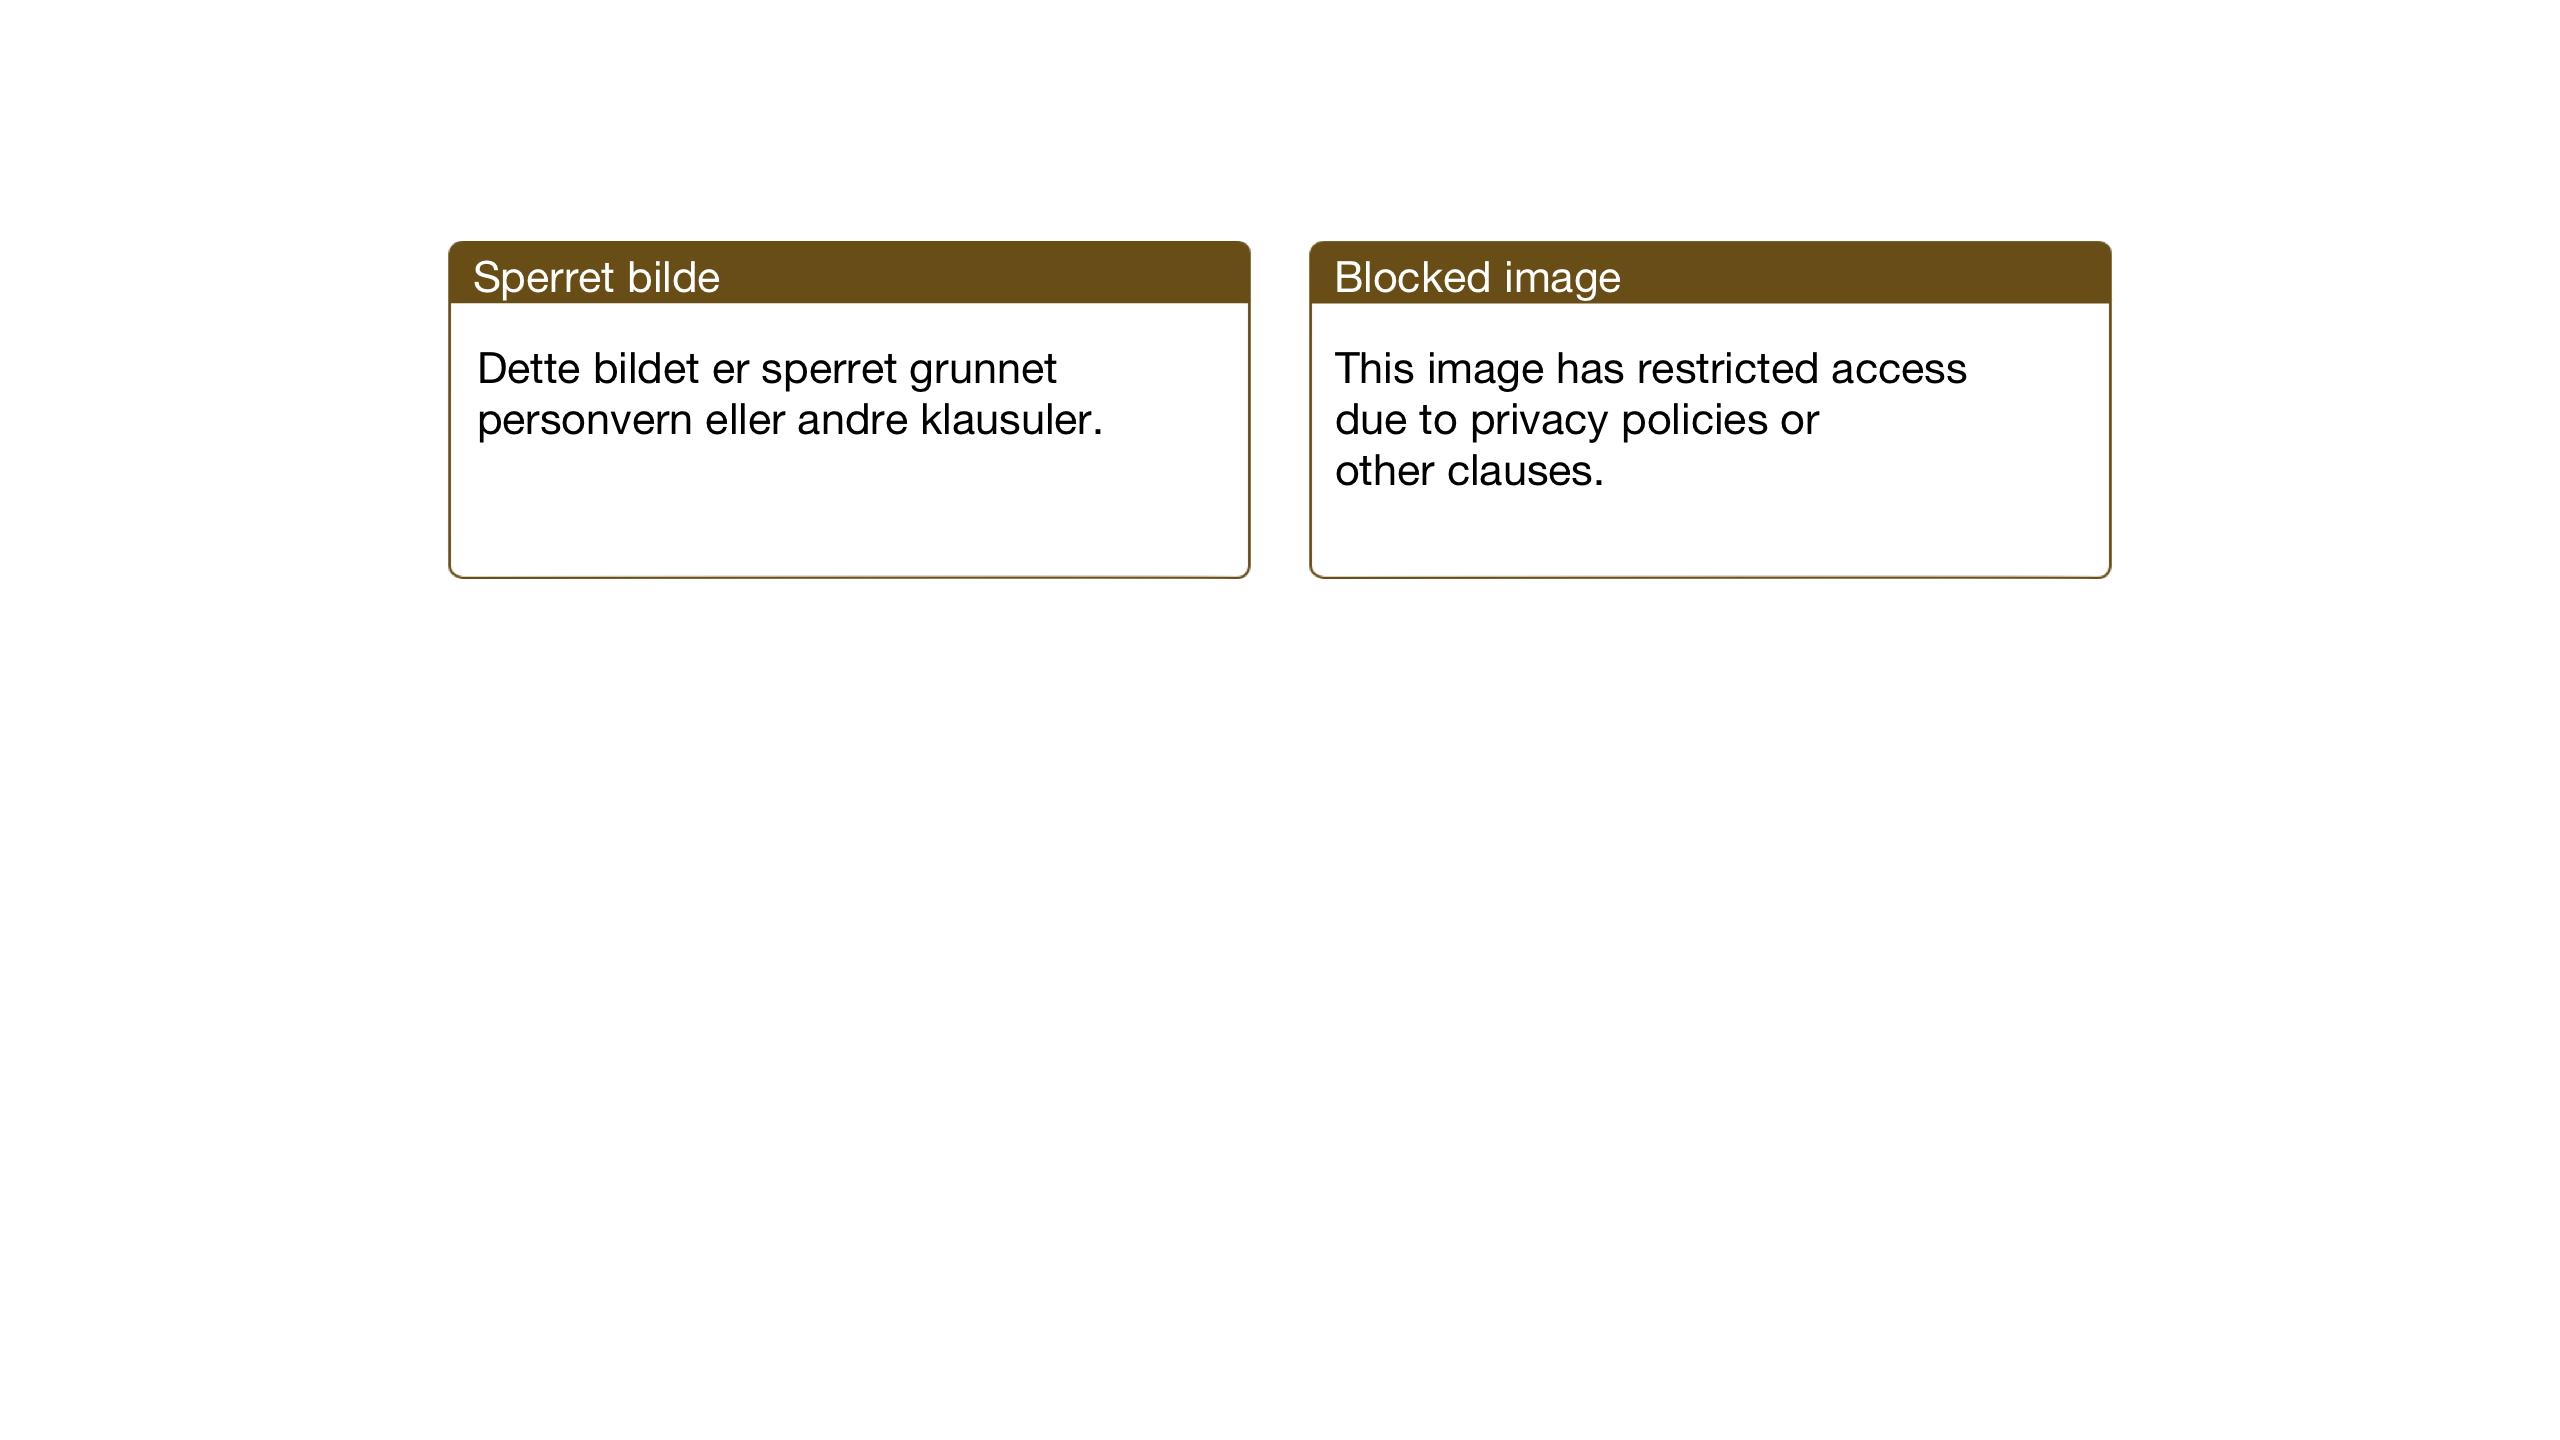 SAT, Ministerialprotokoller, klokkerbøker og fødselsregistre - Nord-Trøndelag, 710/L0097: Klokkerbok nr. 710C02, 1925-1955, s. 18